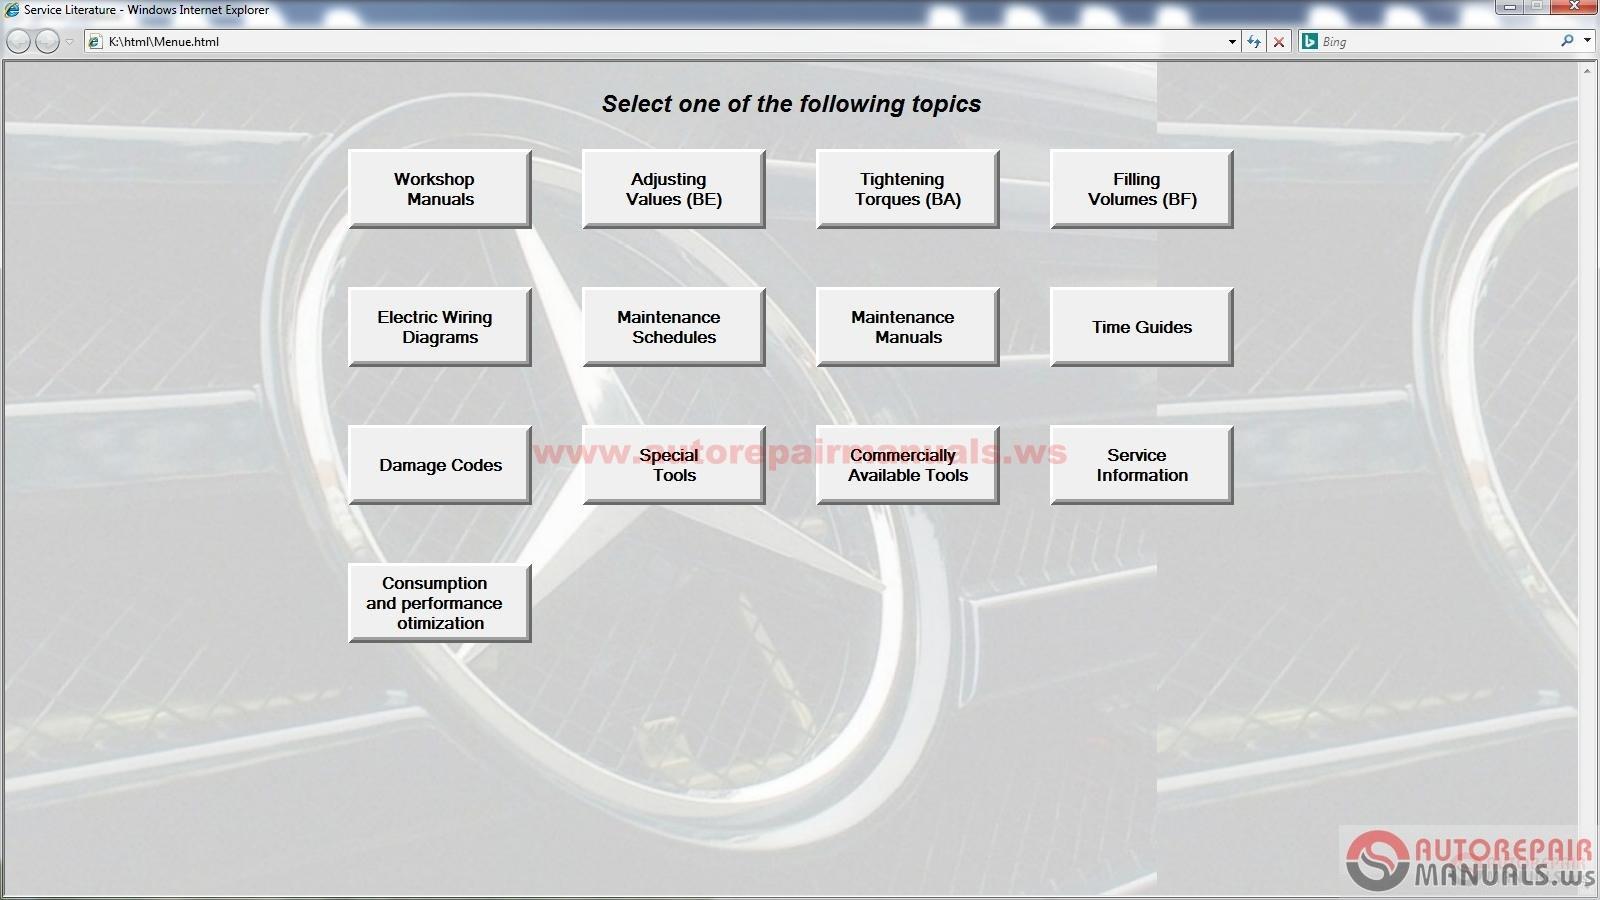 Mercedes benz selit v14 i trucks service literature for Service for mercedes benz